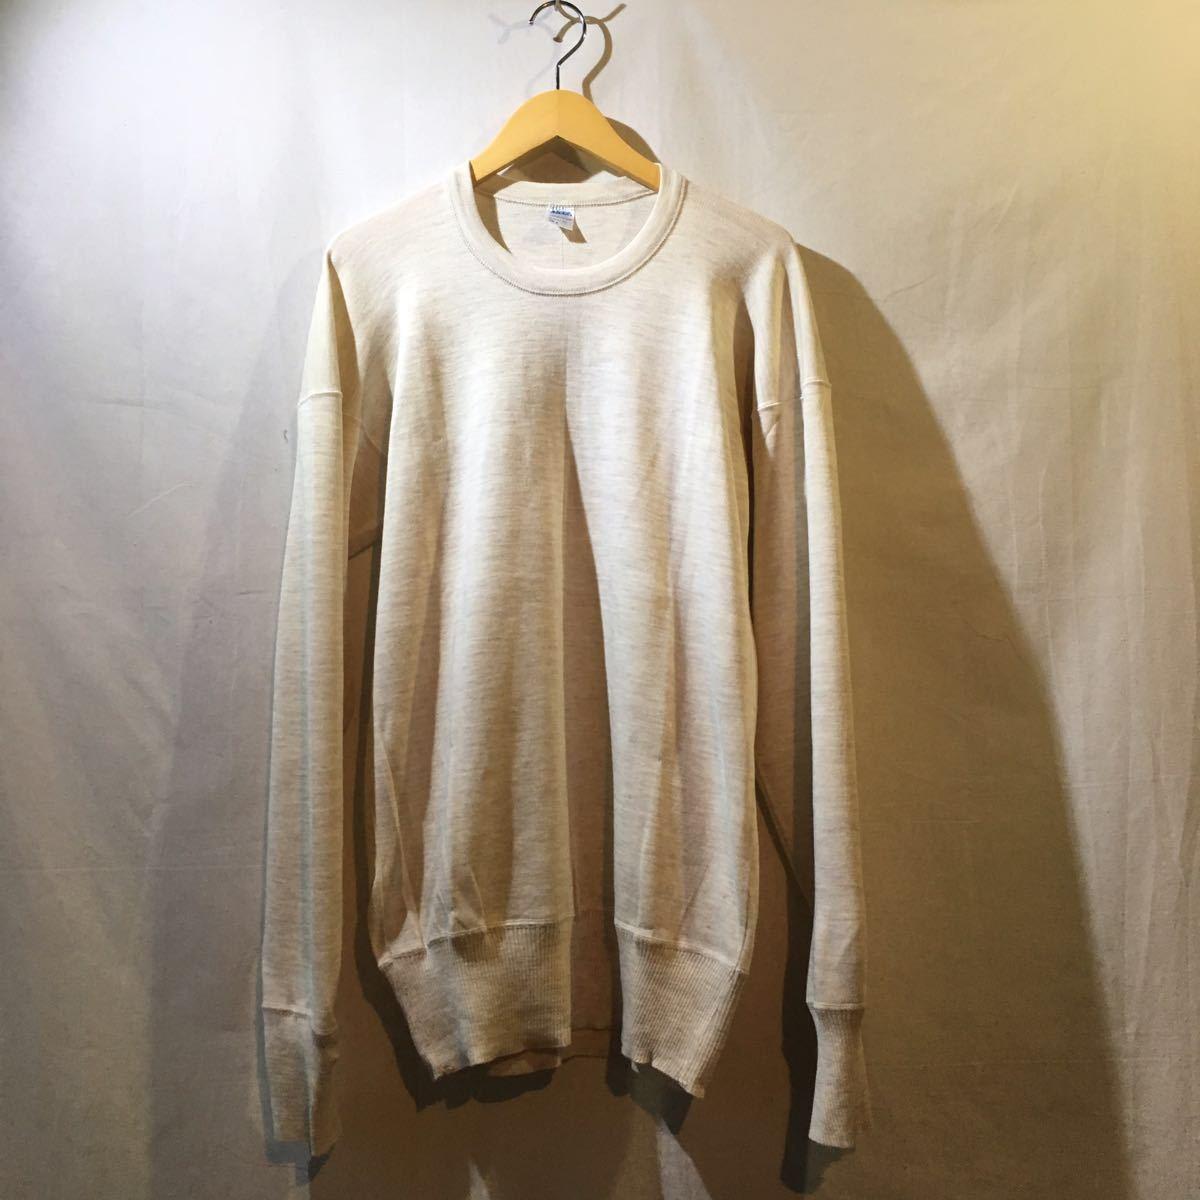 イタリア軍 1980's Dead Stock [Knit Sweater] セーター ニット ミリタリー ビンテージ フランス軍 イギリス軍 実物 ユーロ ヨーロッパ